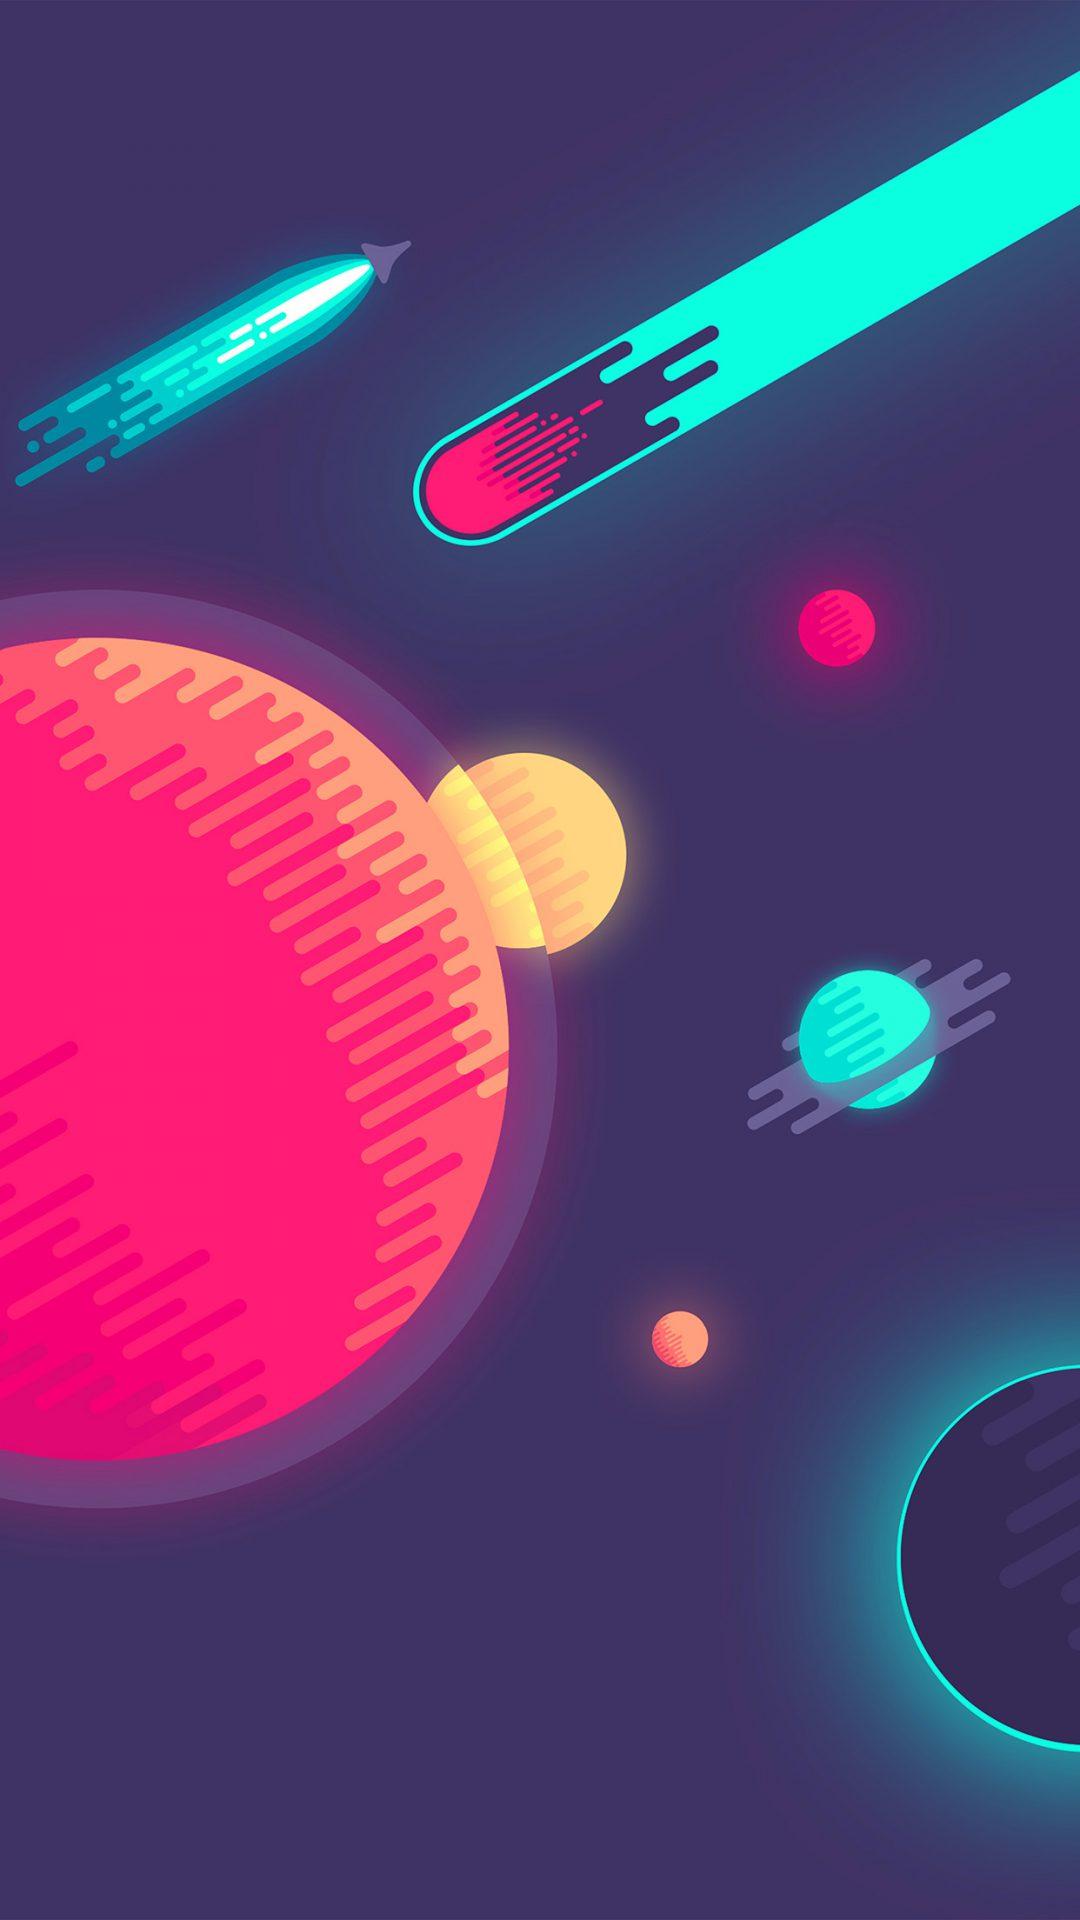 Space Minimal Art Illustration